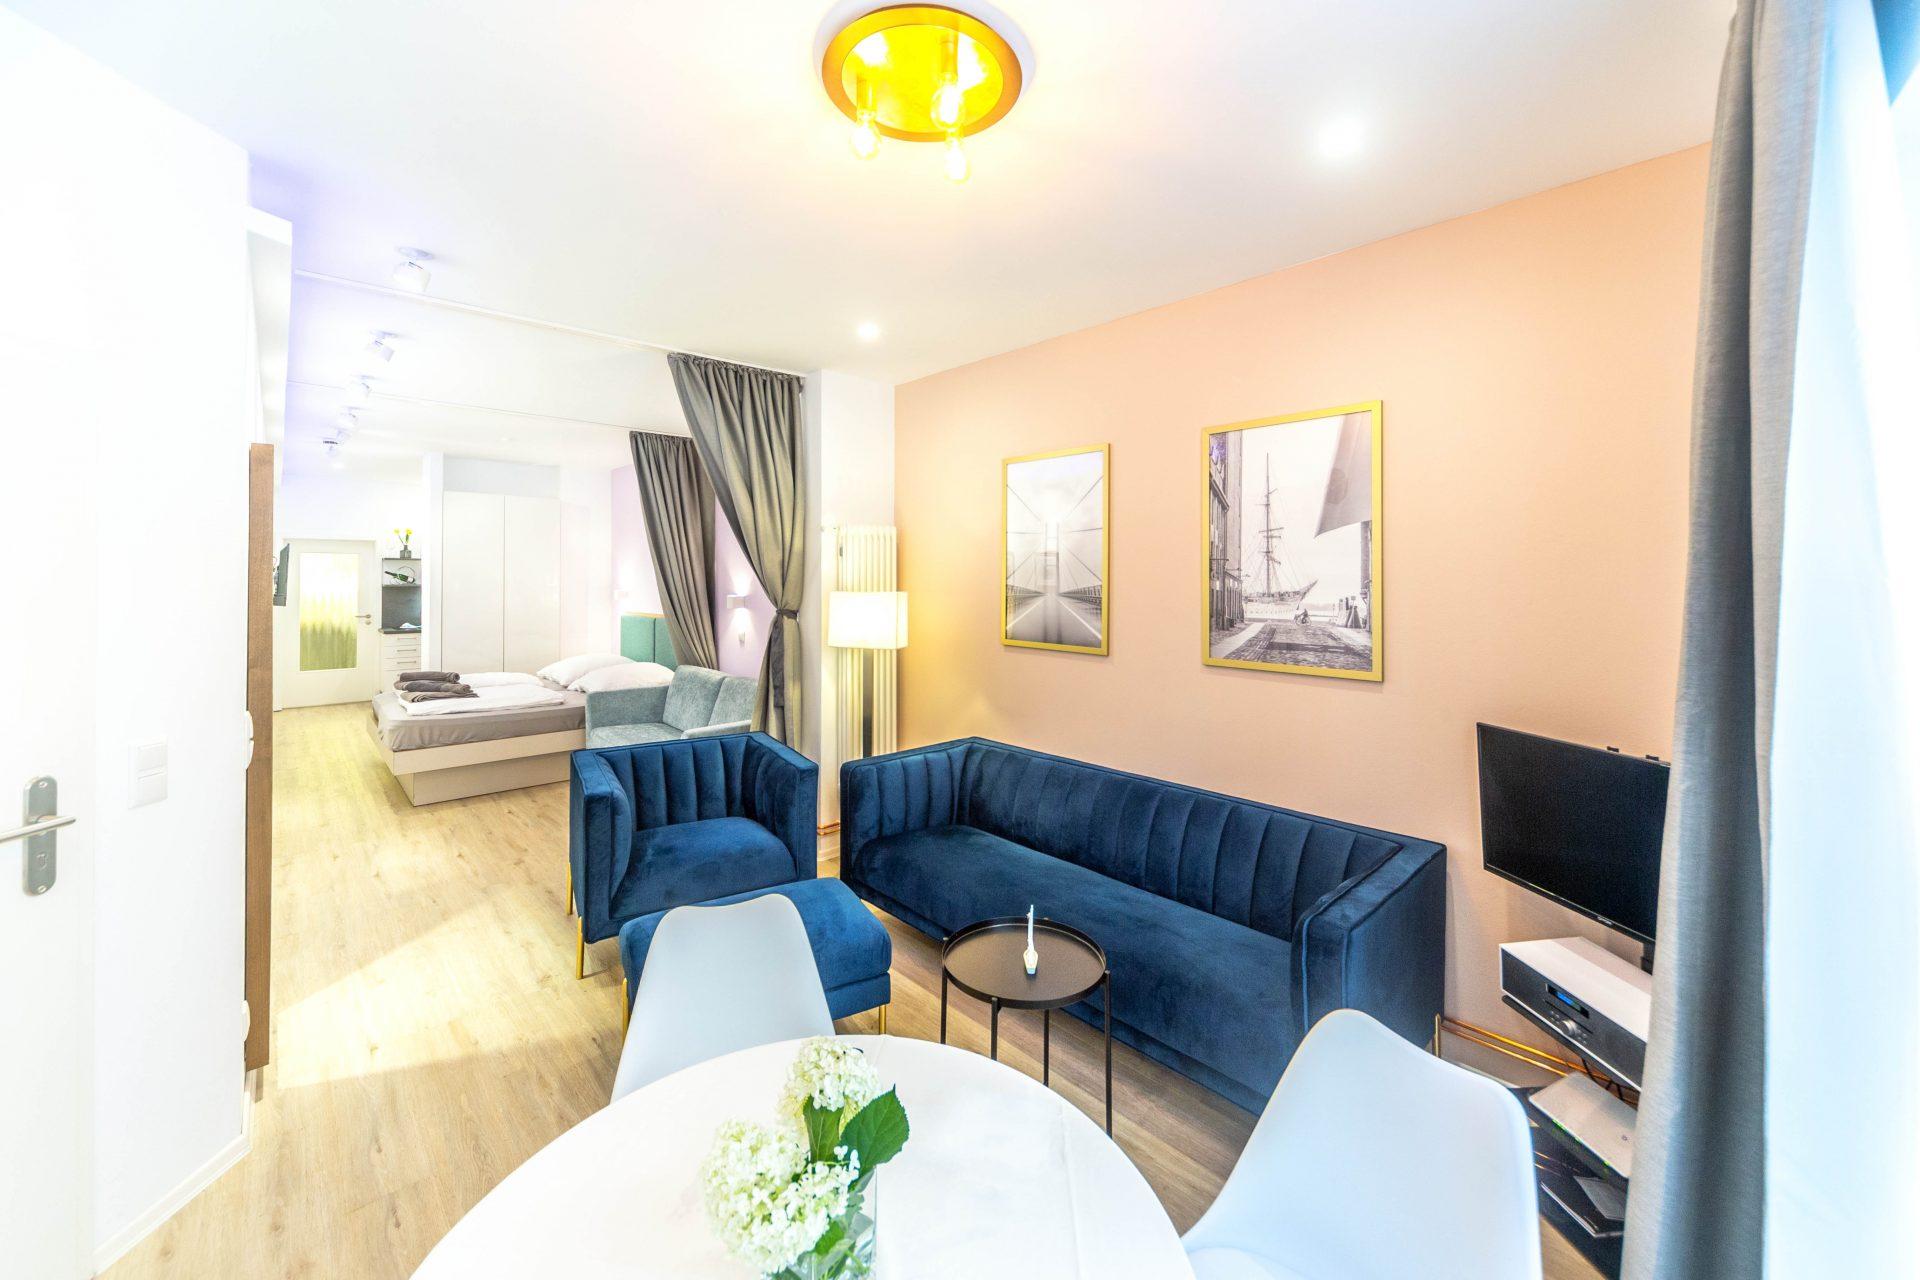 Wohnzimmer Sofa und TV